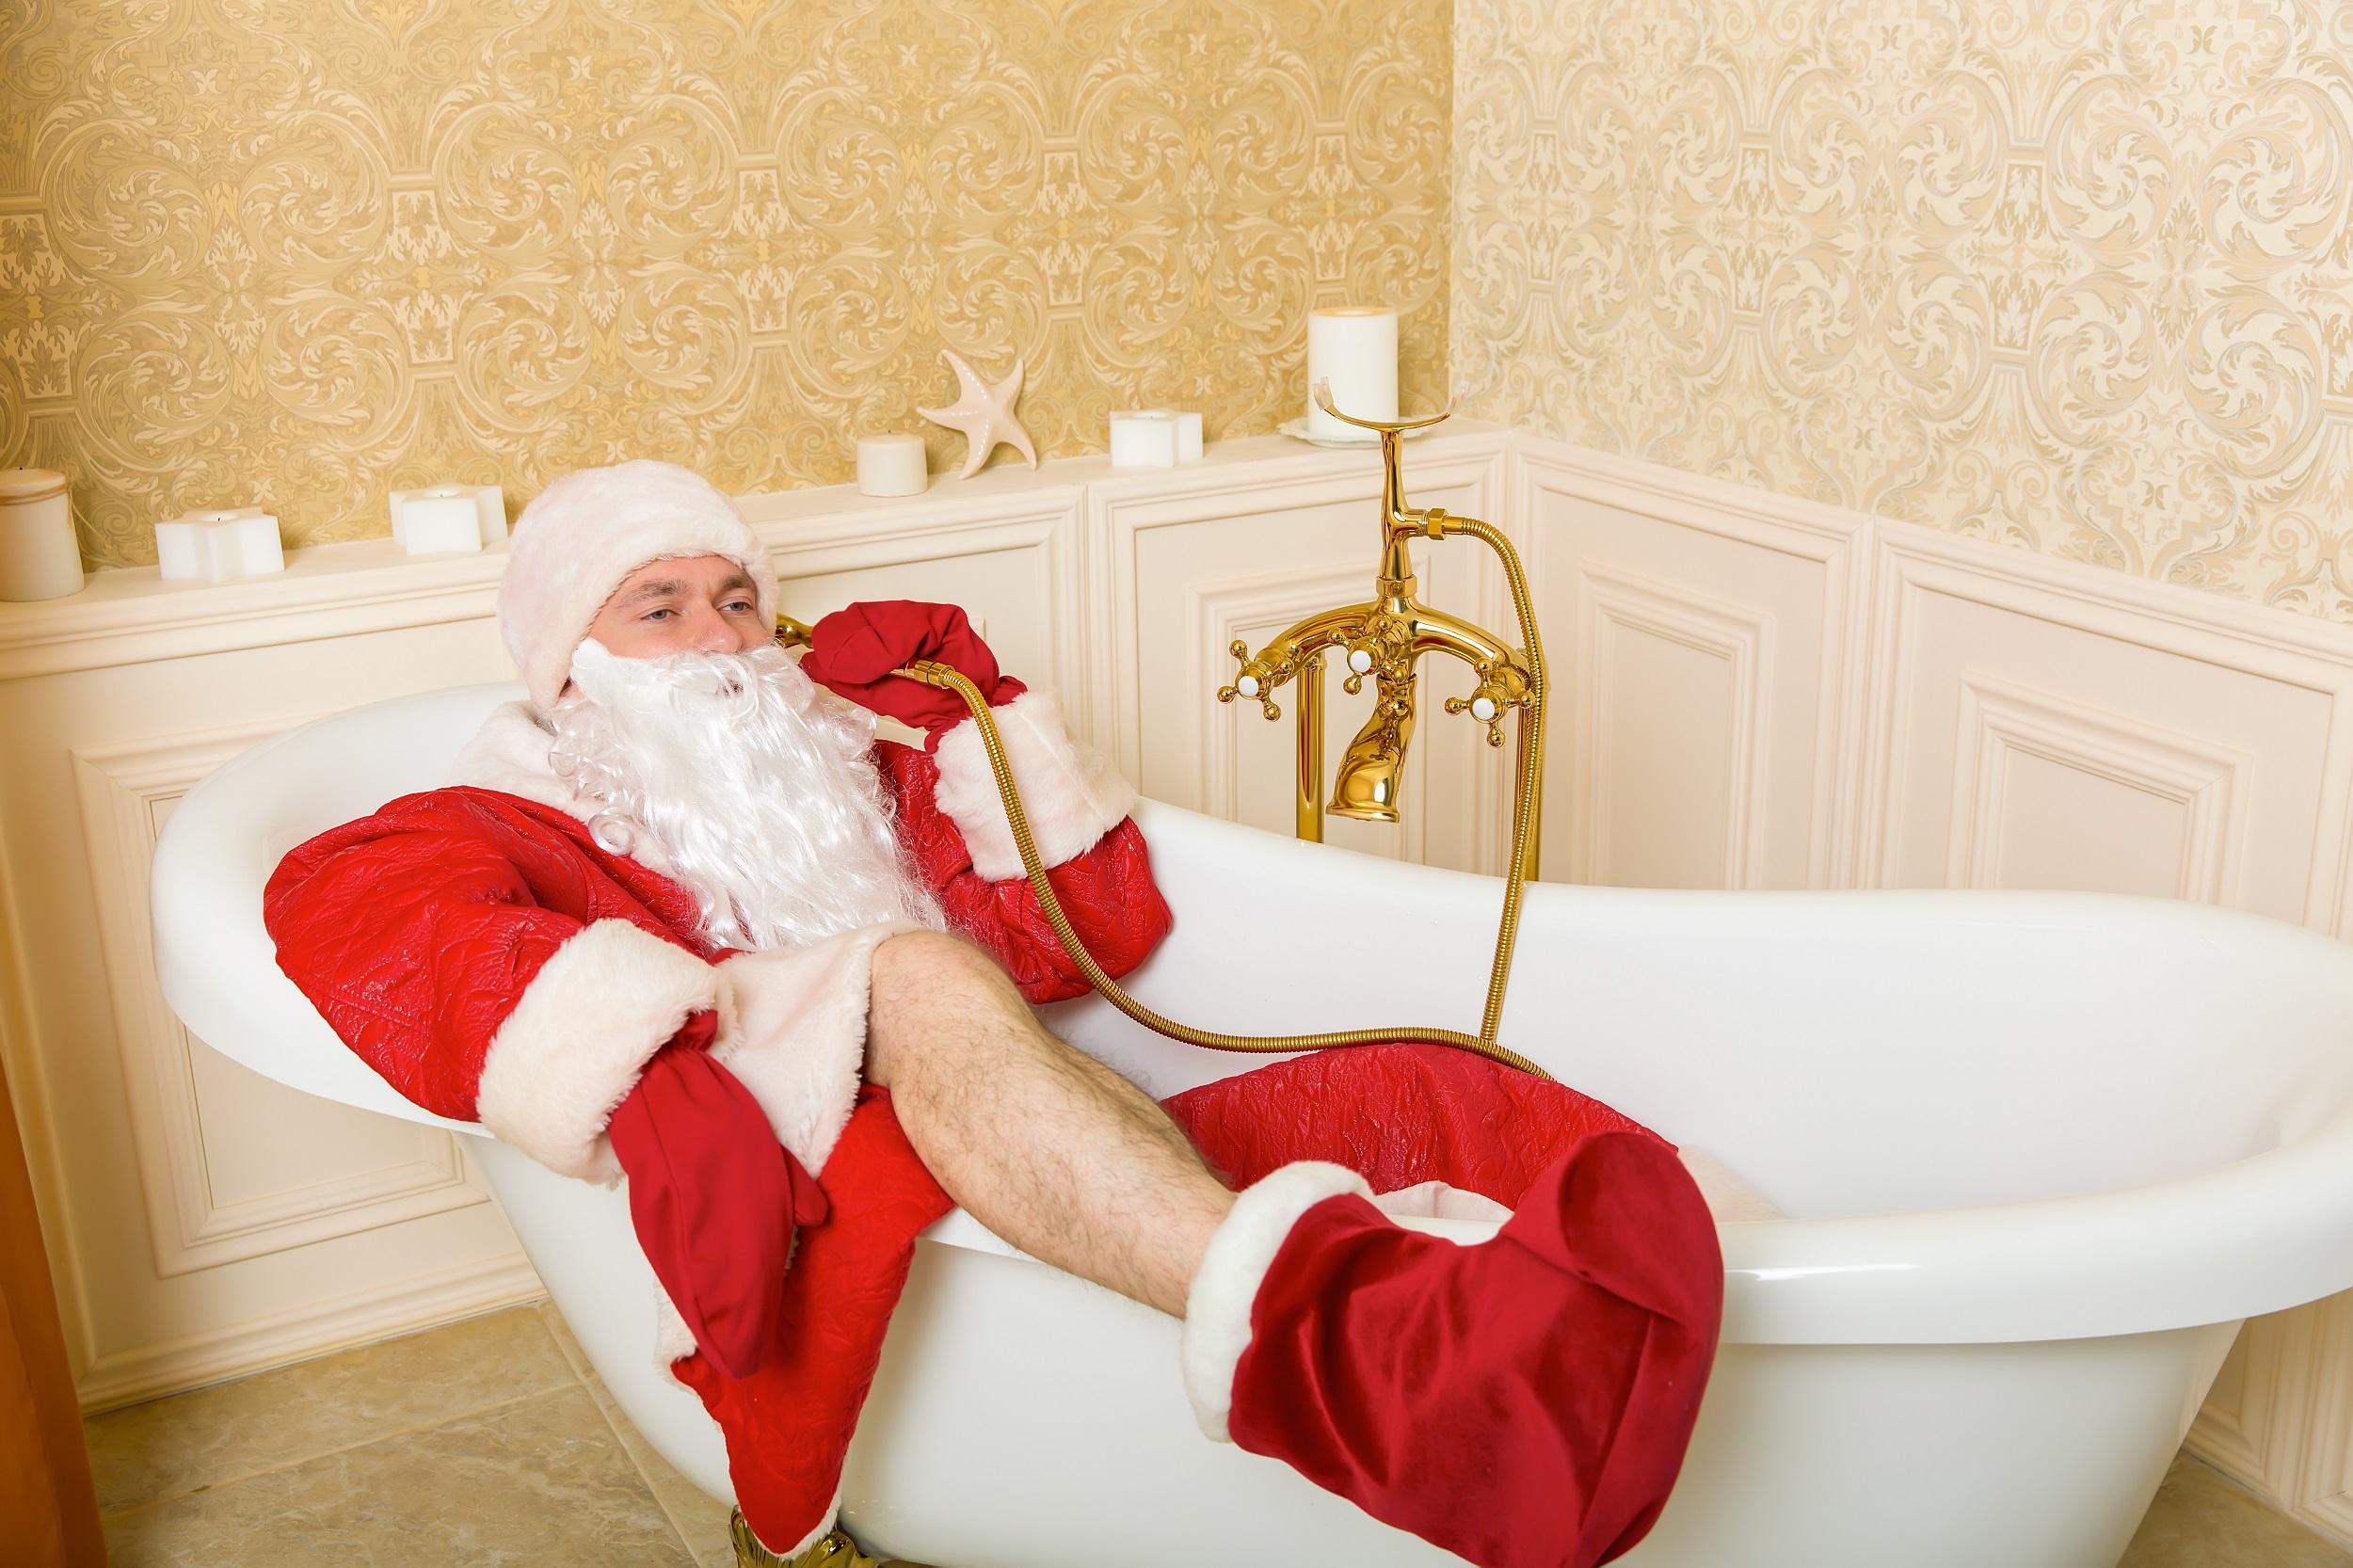 Auch der Weihnachtsmann liebt das gemütliche Bad in der Wanne.